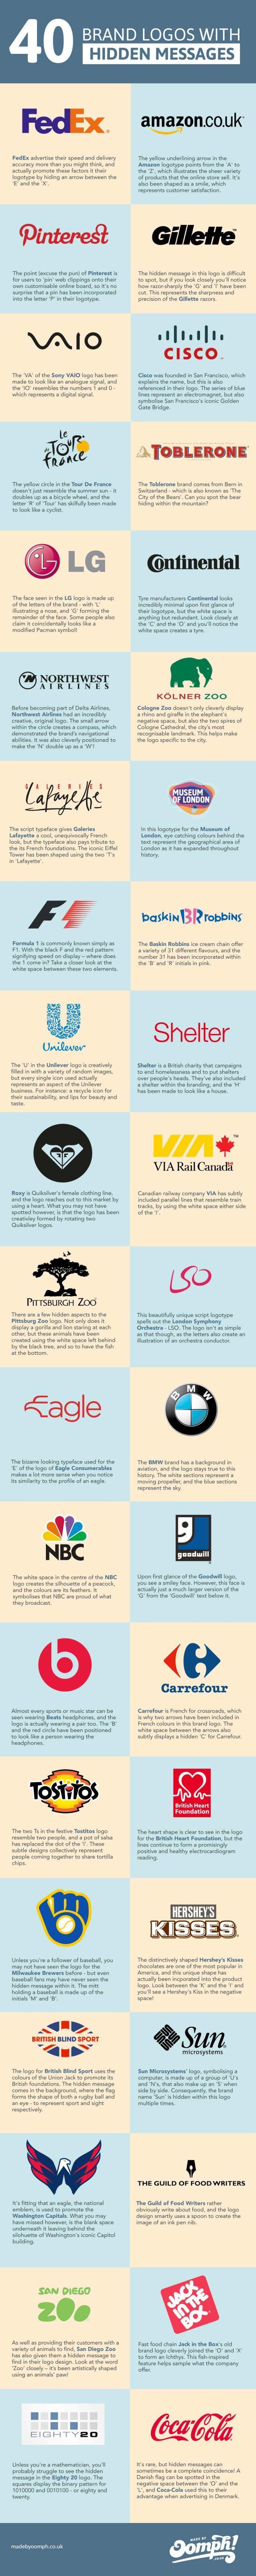 페덱스, LG, 코카콜라, BMW, 시스코... 40개 대표 브랜드의 로고가 담고 있는 숨은 의미들... :: NEOEARLY* by 라디오키즈